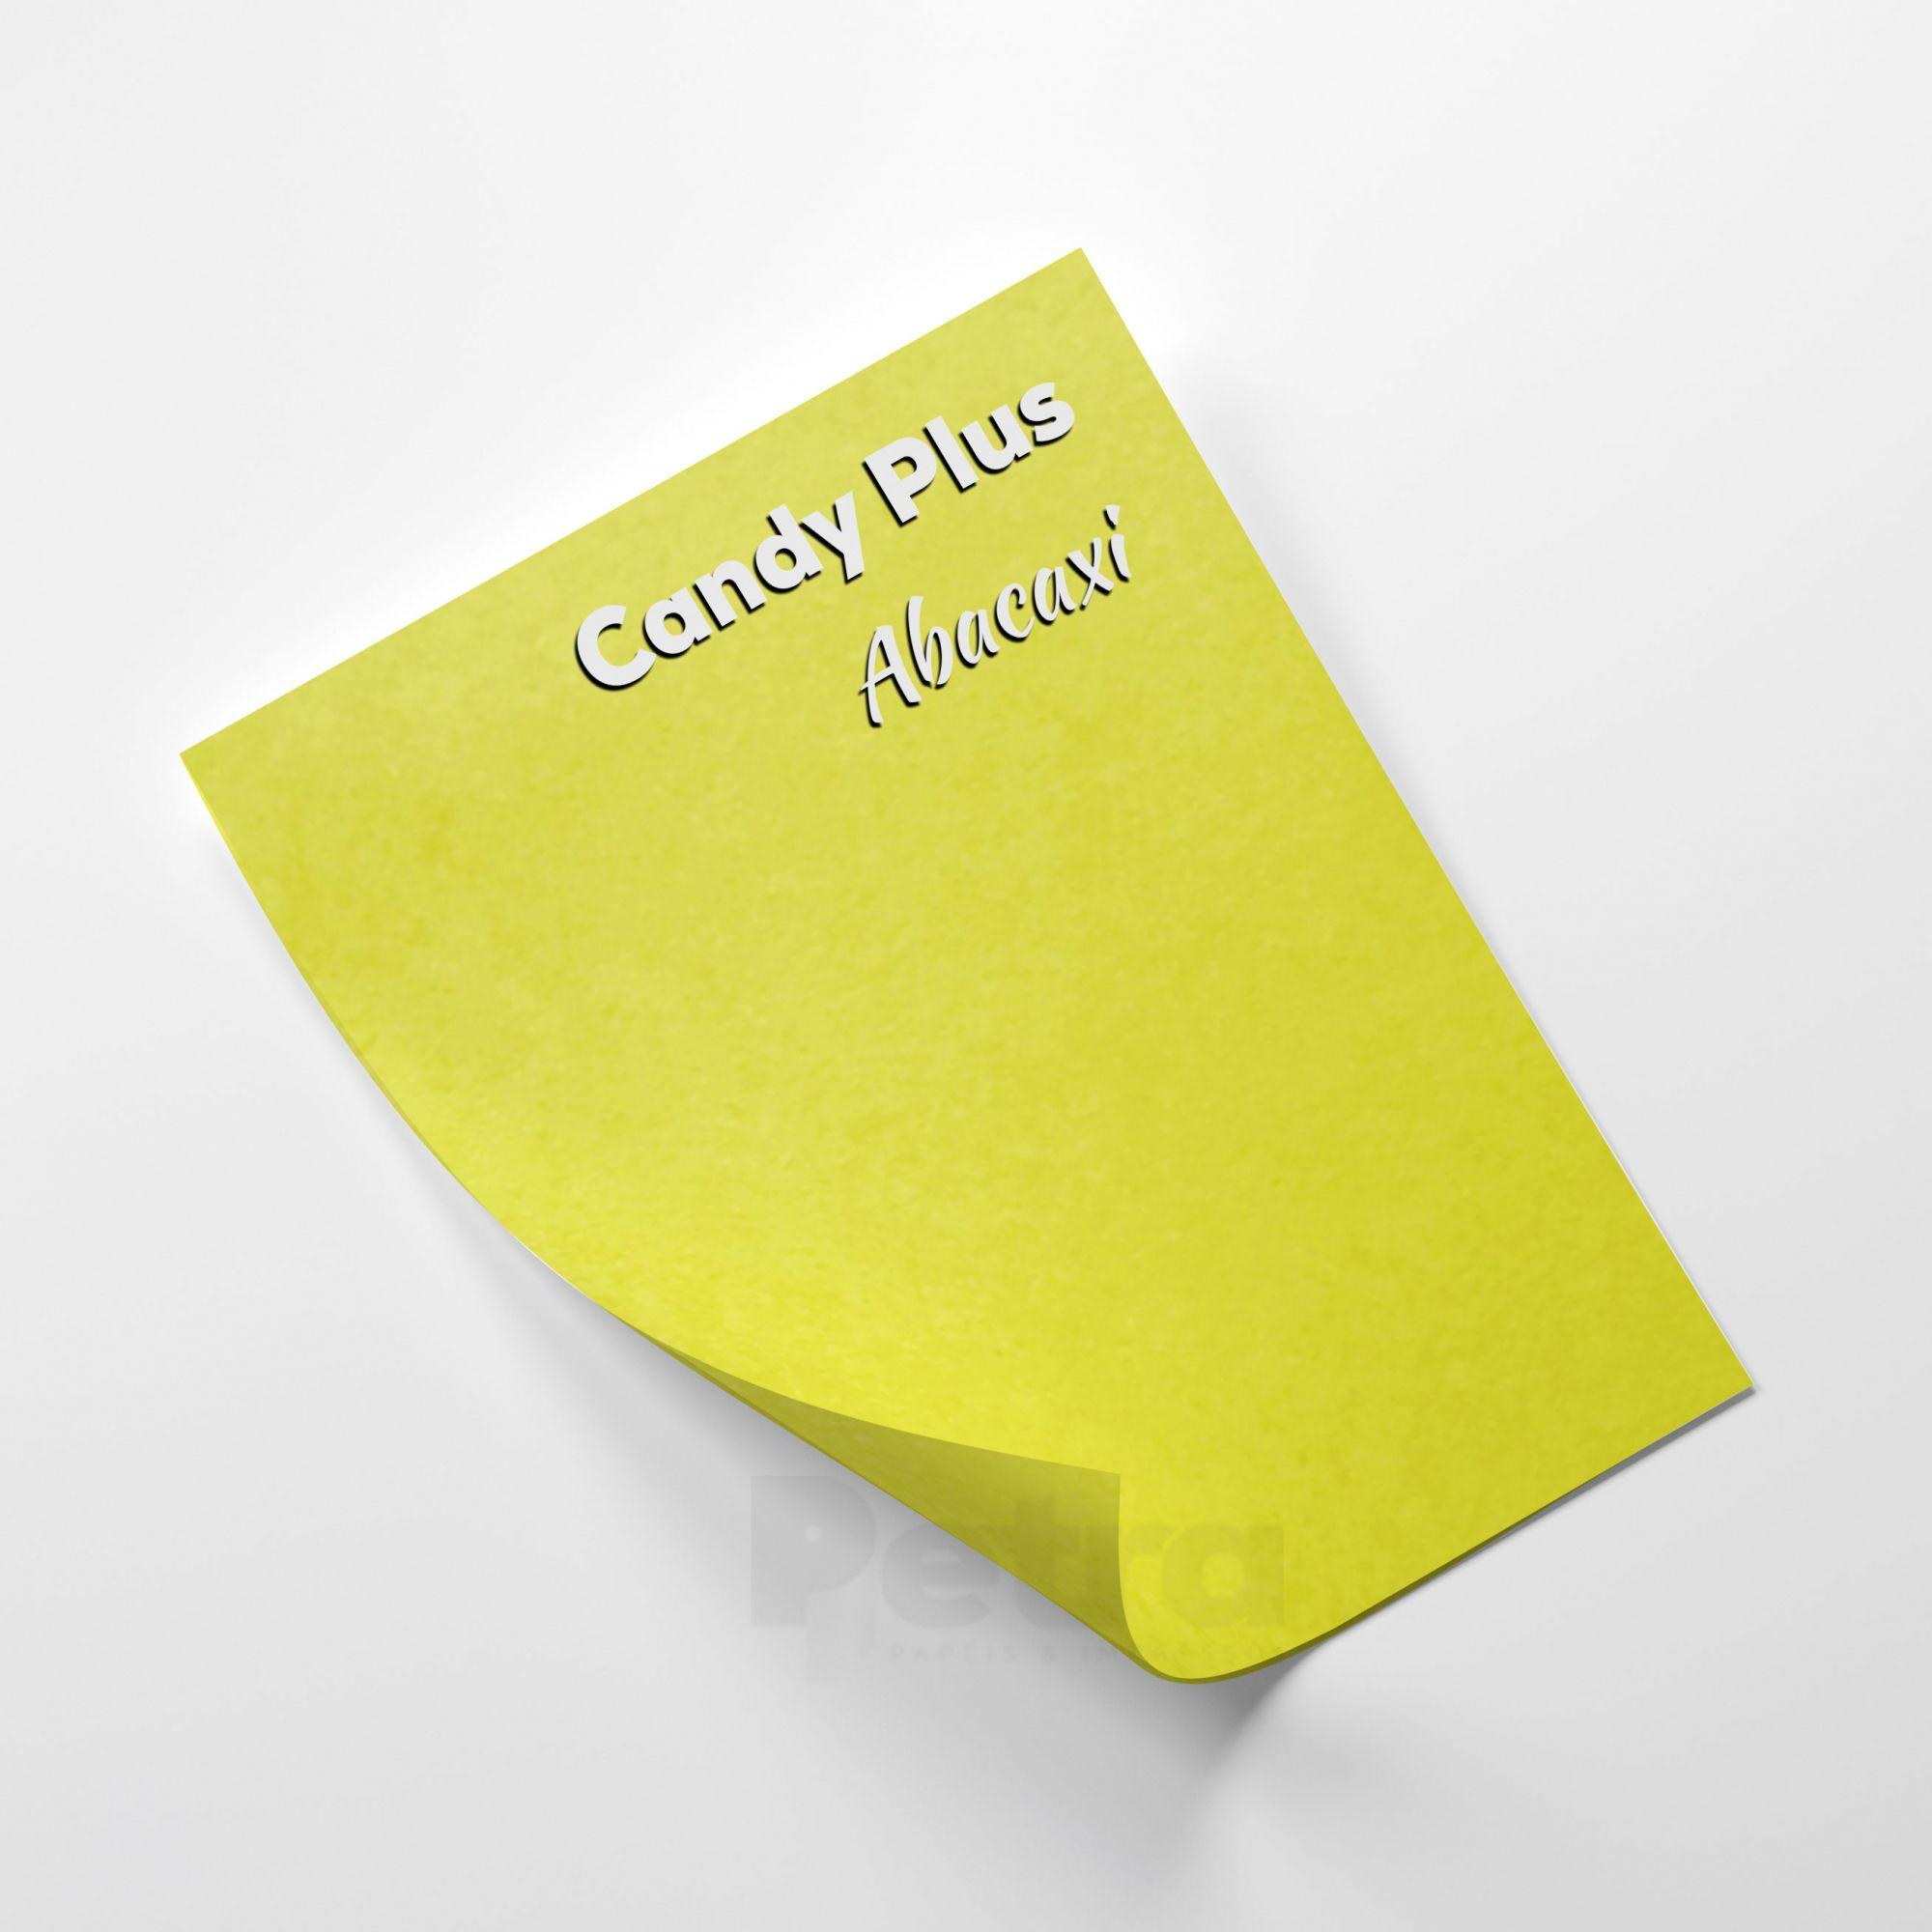 Candy Plus - Abacaxi - Amarelo  - Tam. A4 - 180g/m² - 20 folhas